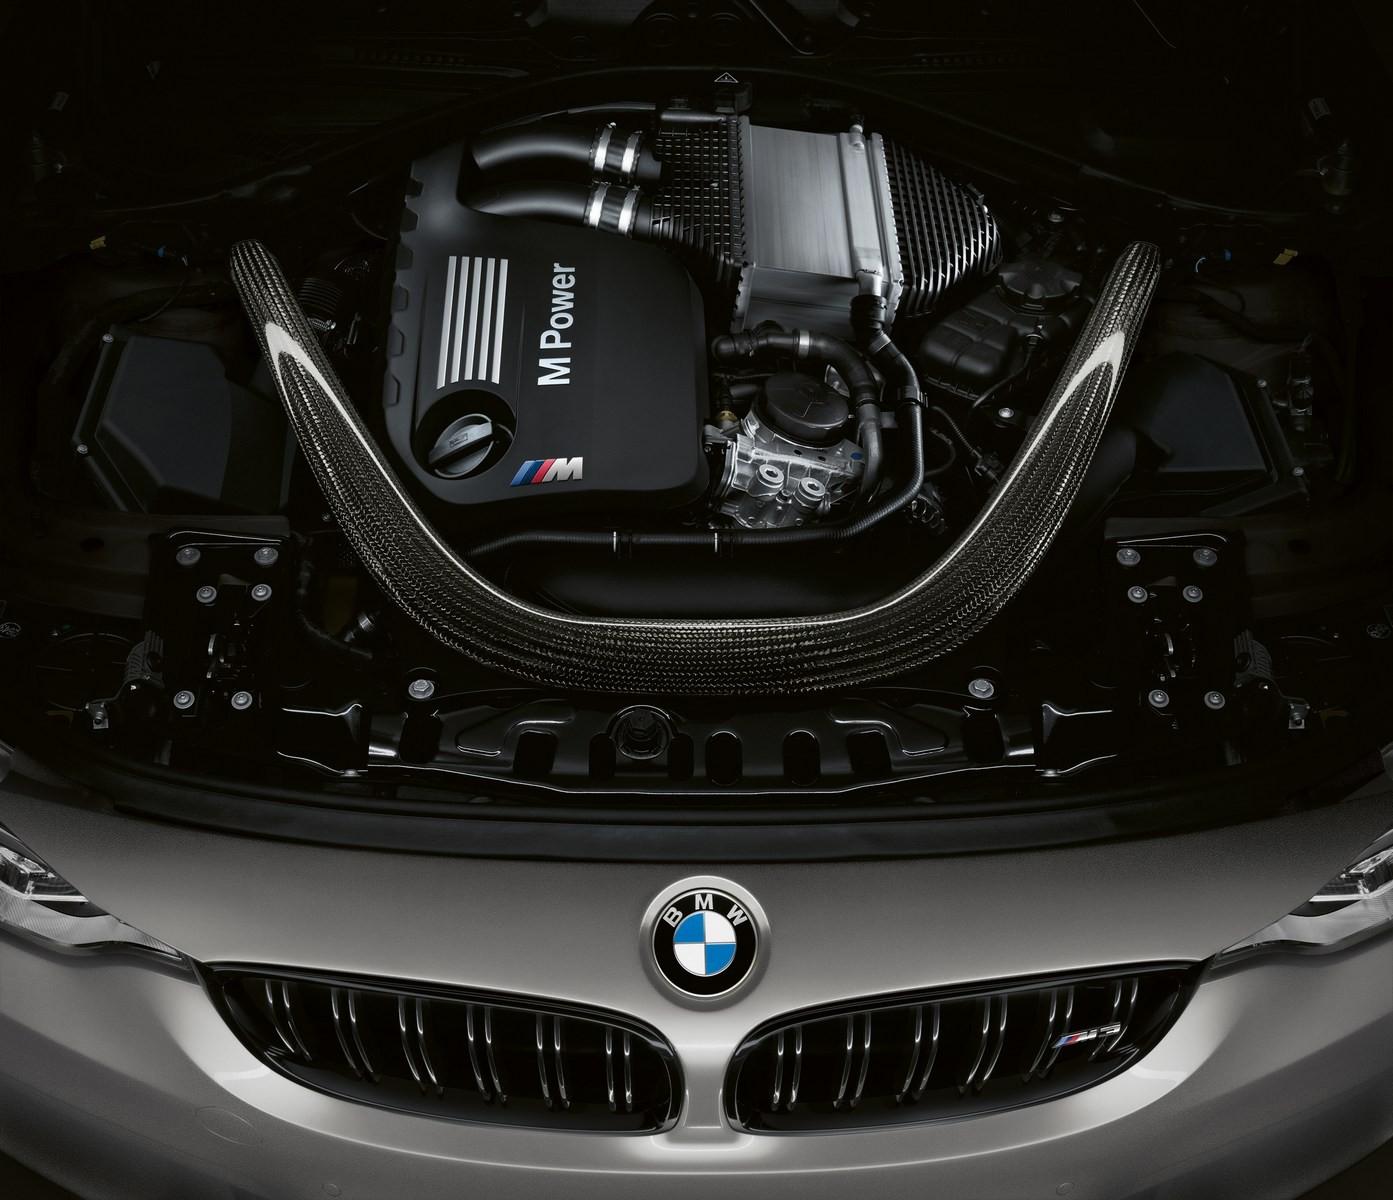 Xe++ - Xe thể thao hiệu suất cao BMW M3 CS sản xuất giới hạn 1.200 chiếc (Hình 2).